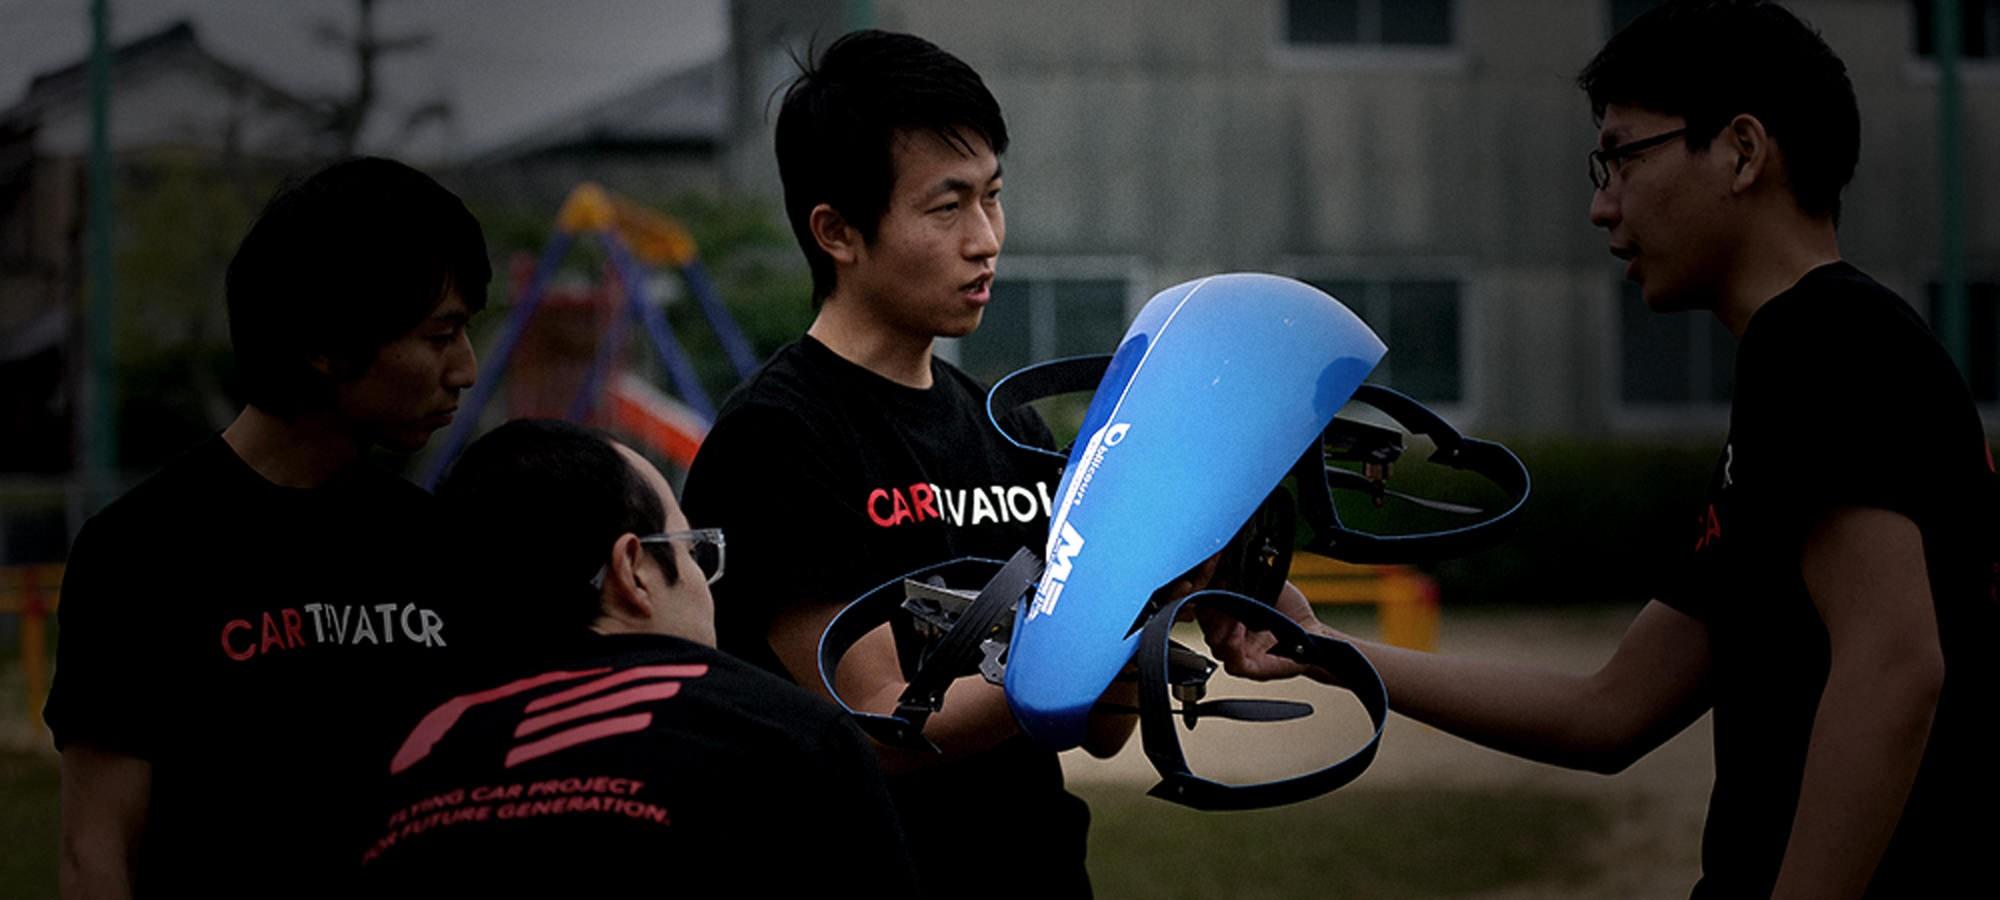 Equipe do Cartivator testa protótipo (Foto: Divulgação)